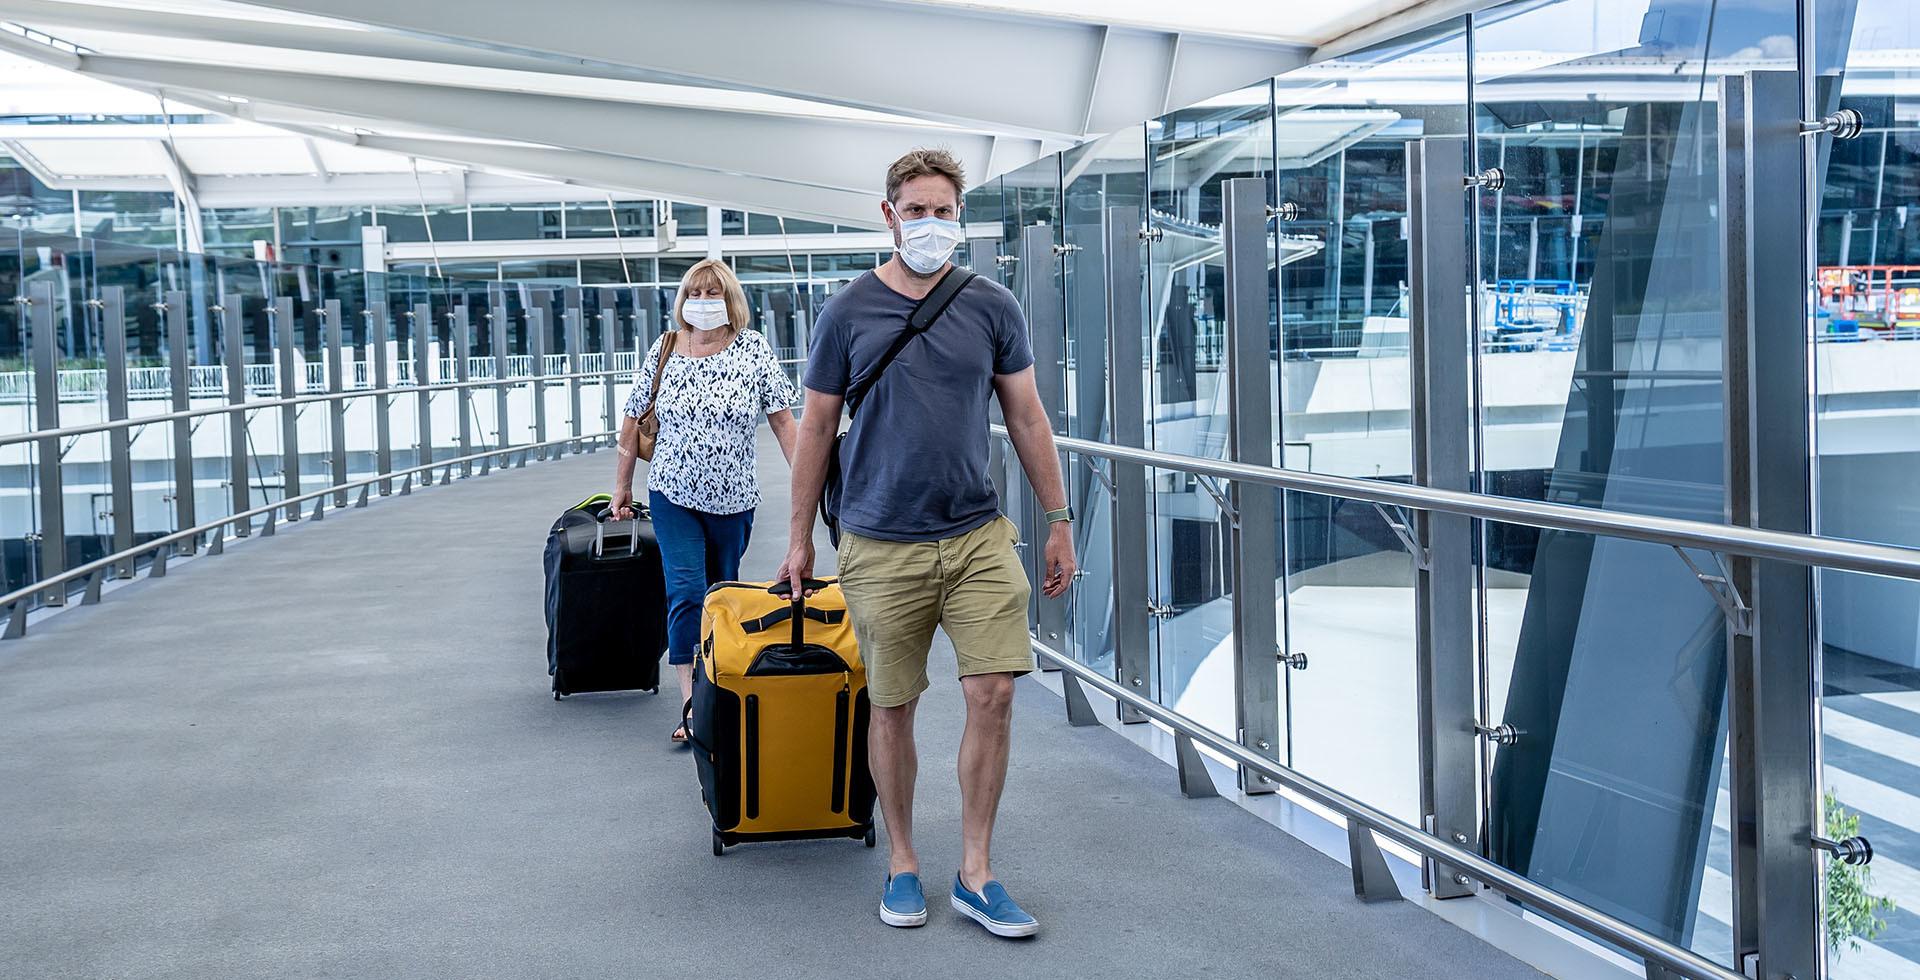 viajeros en un aeropuerto con mascarillas